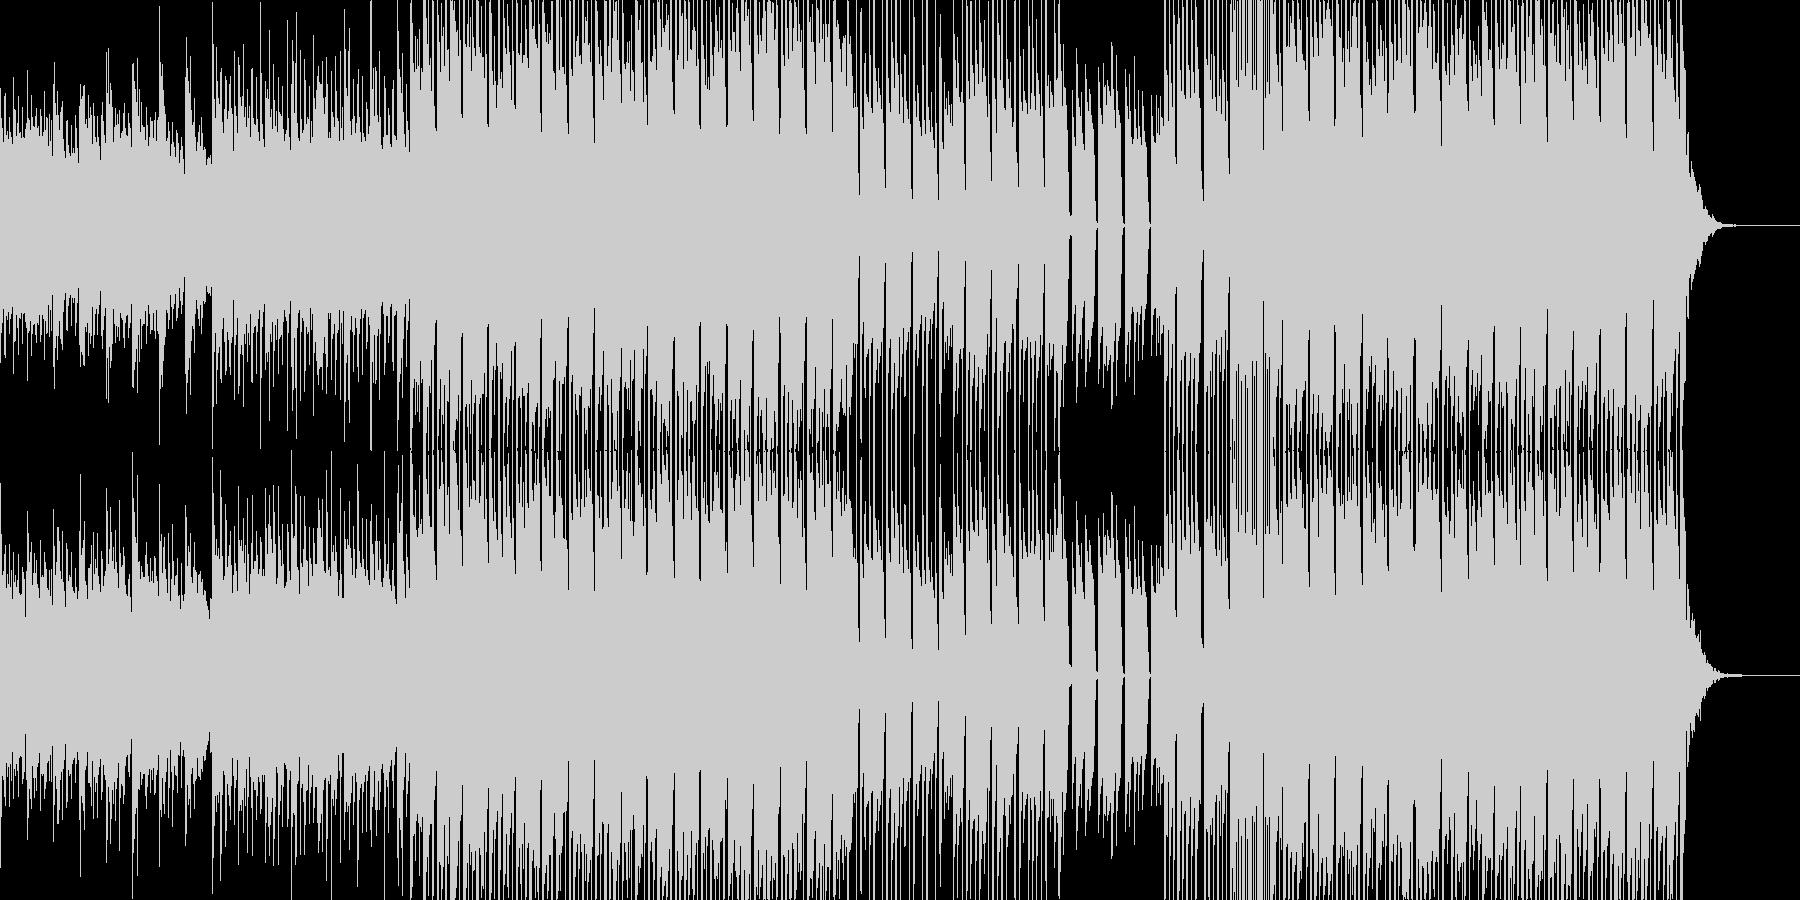 哀愁感の漂う3拍子のポップスの未再生の波形